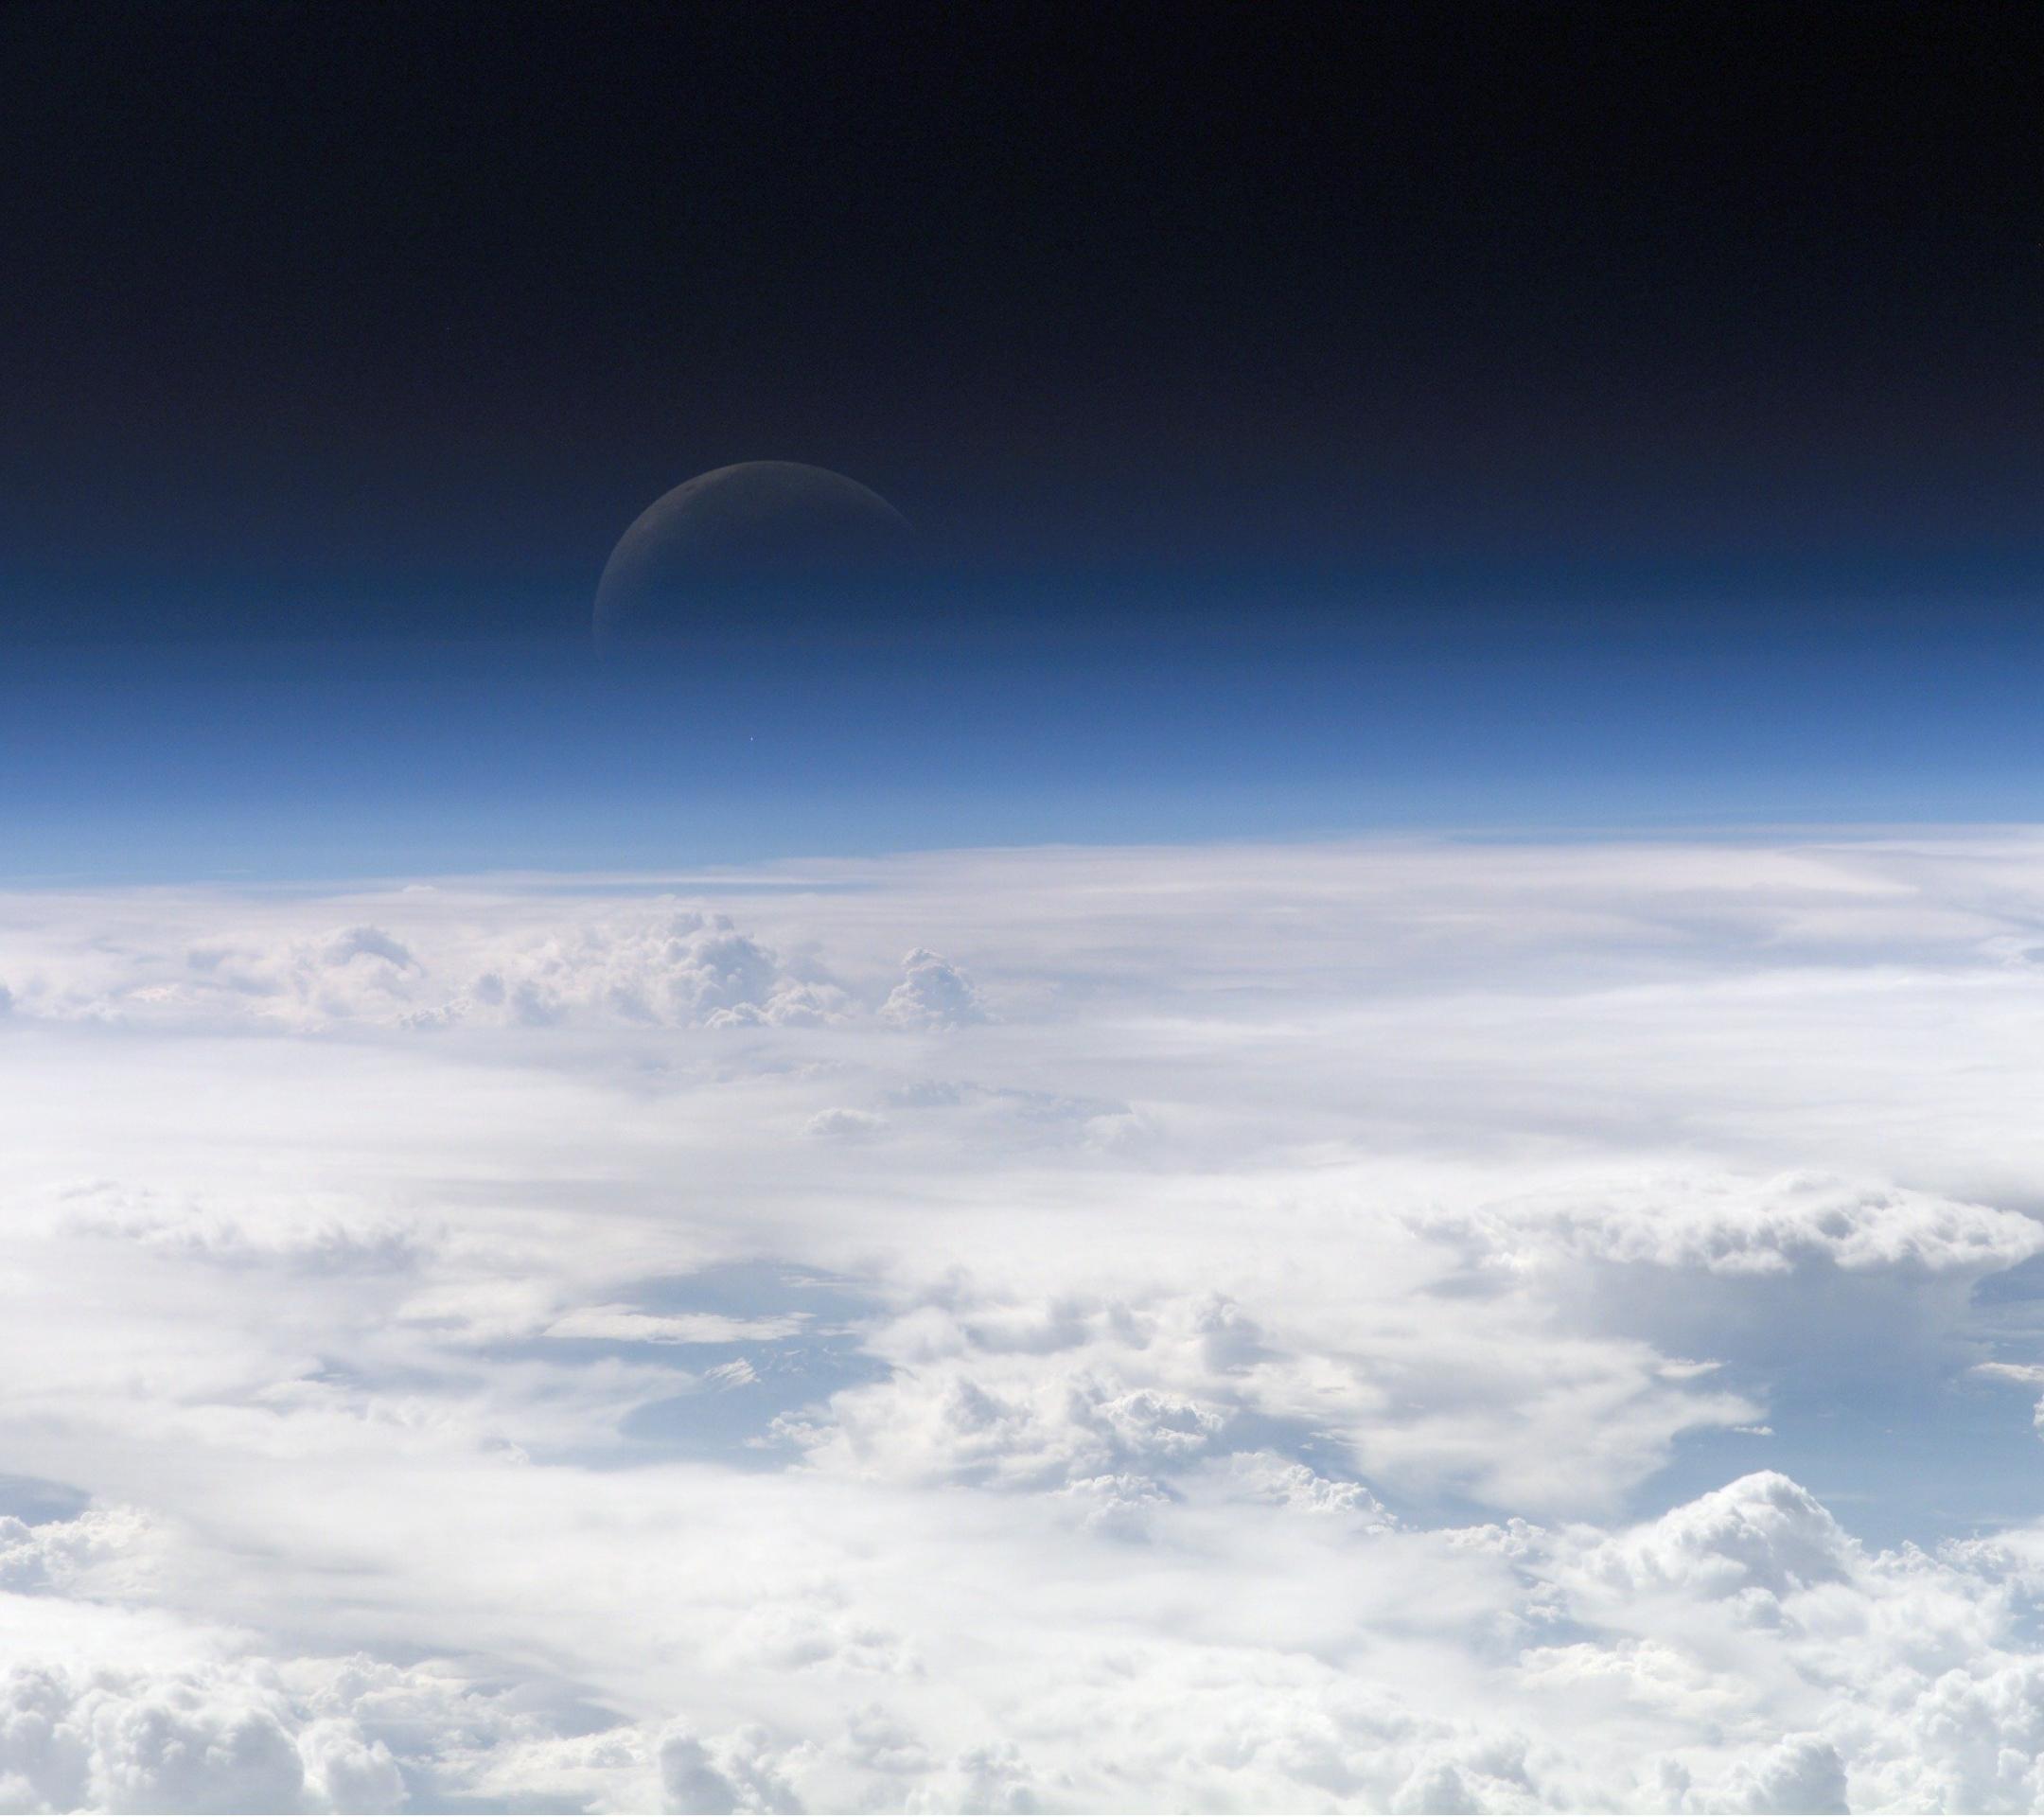 壁紙 雲の上の三日月のスマホ壁紙2160x1920 Crescent Moon 001 Jpg 壁紙box